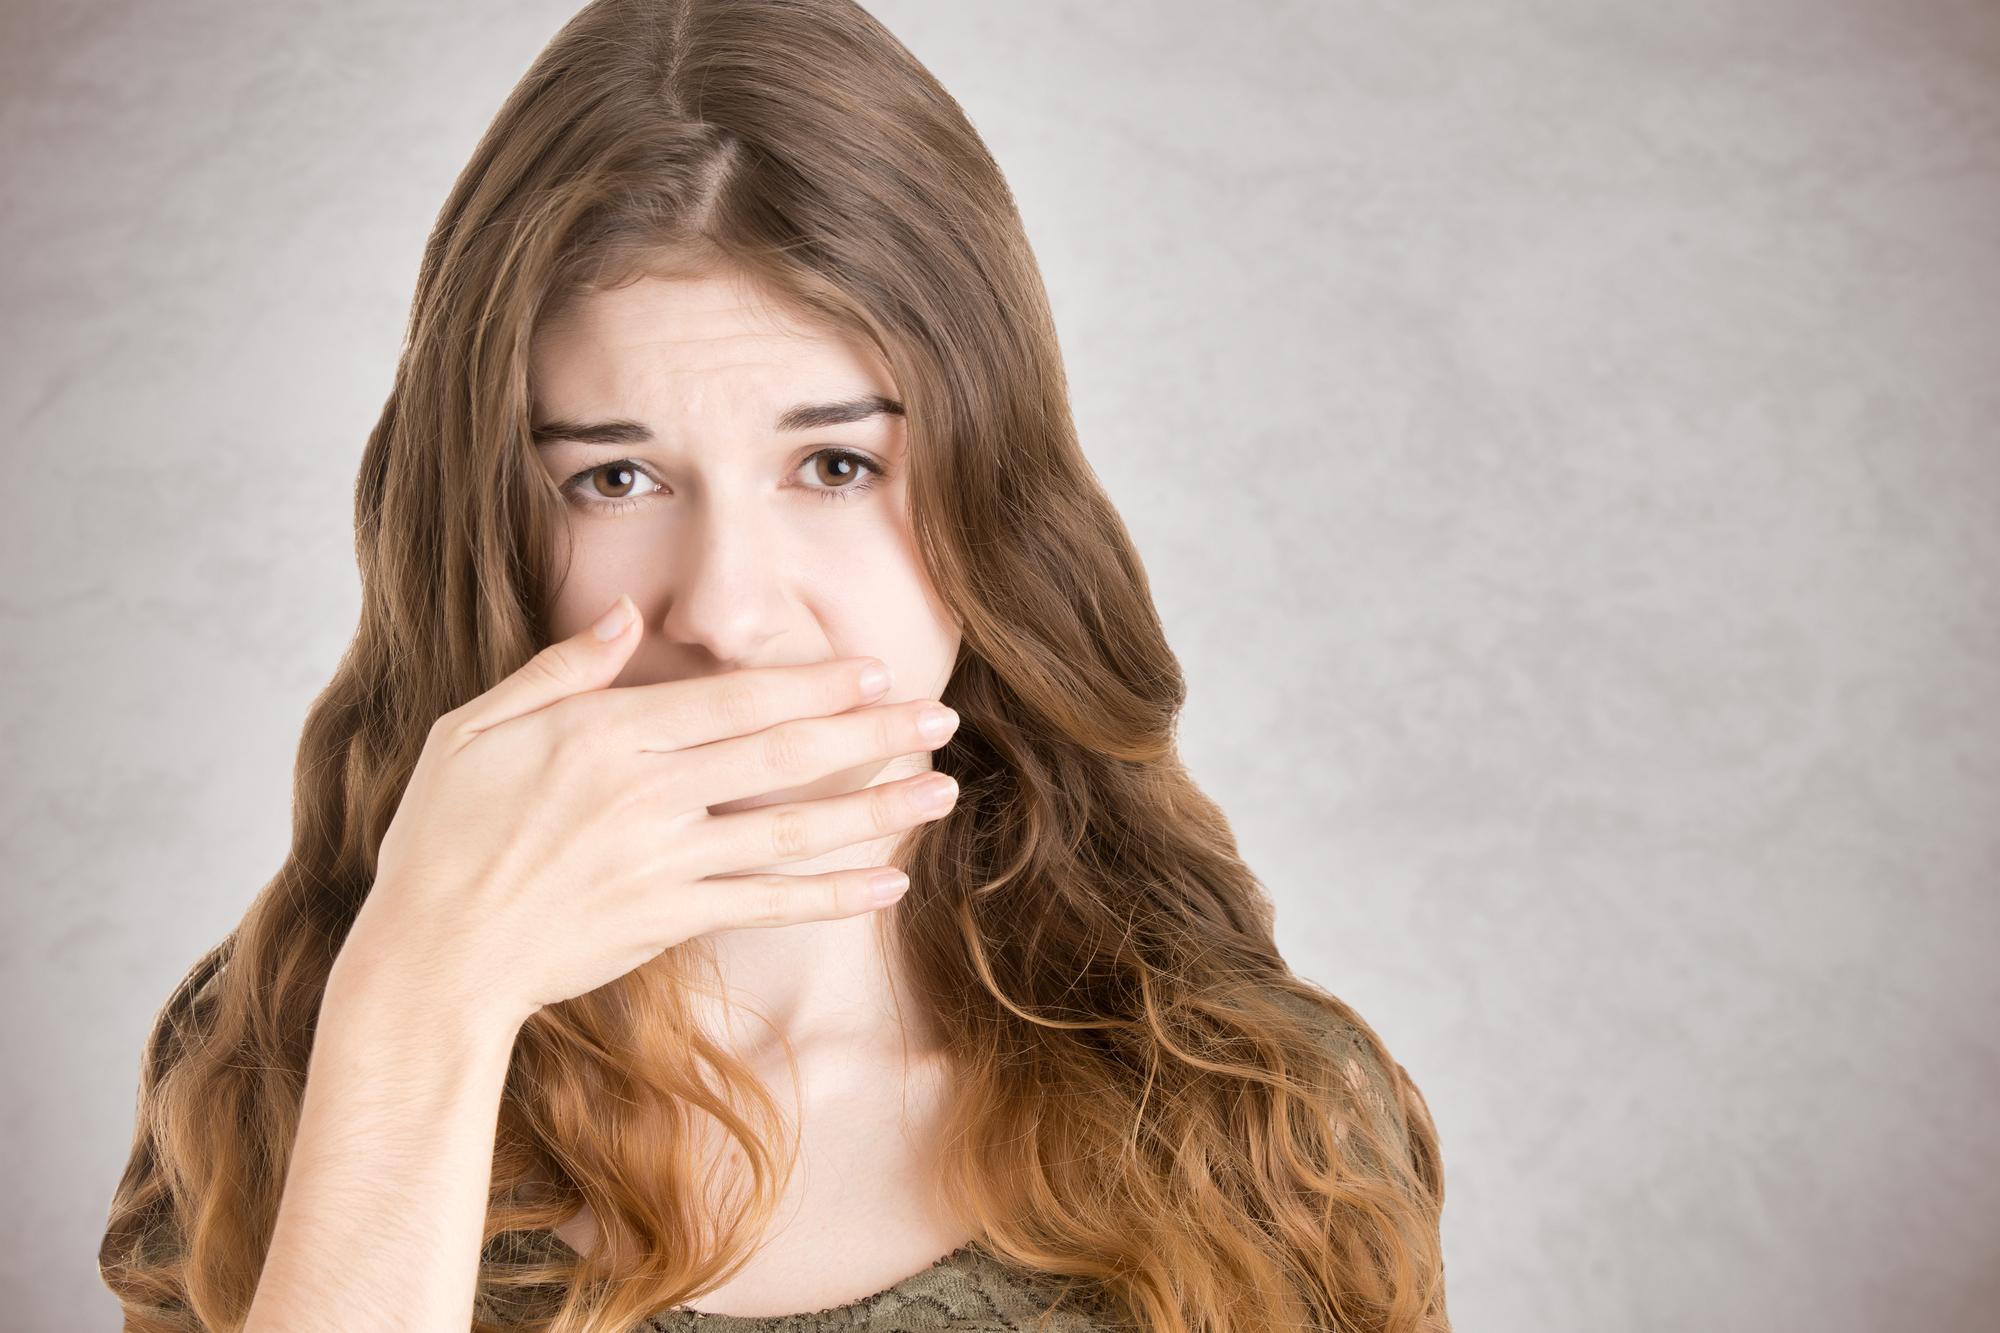 Гастроэнтеролог рассказала, почему возникает неприятный запах изо рта